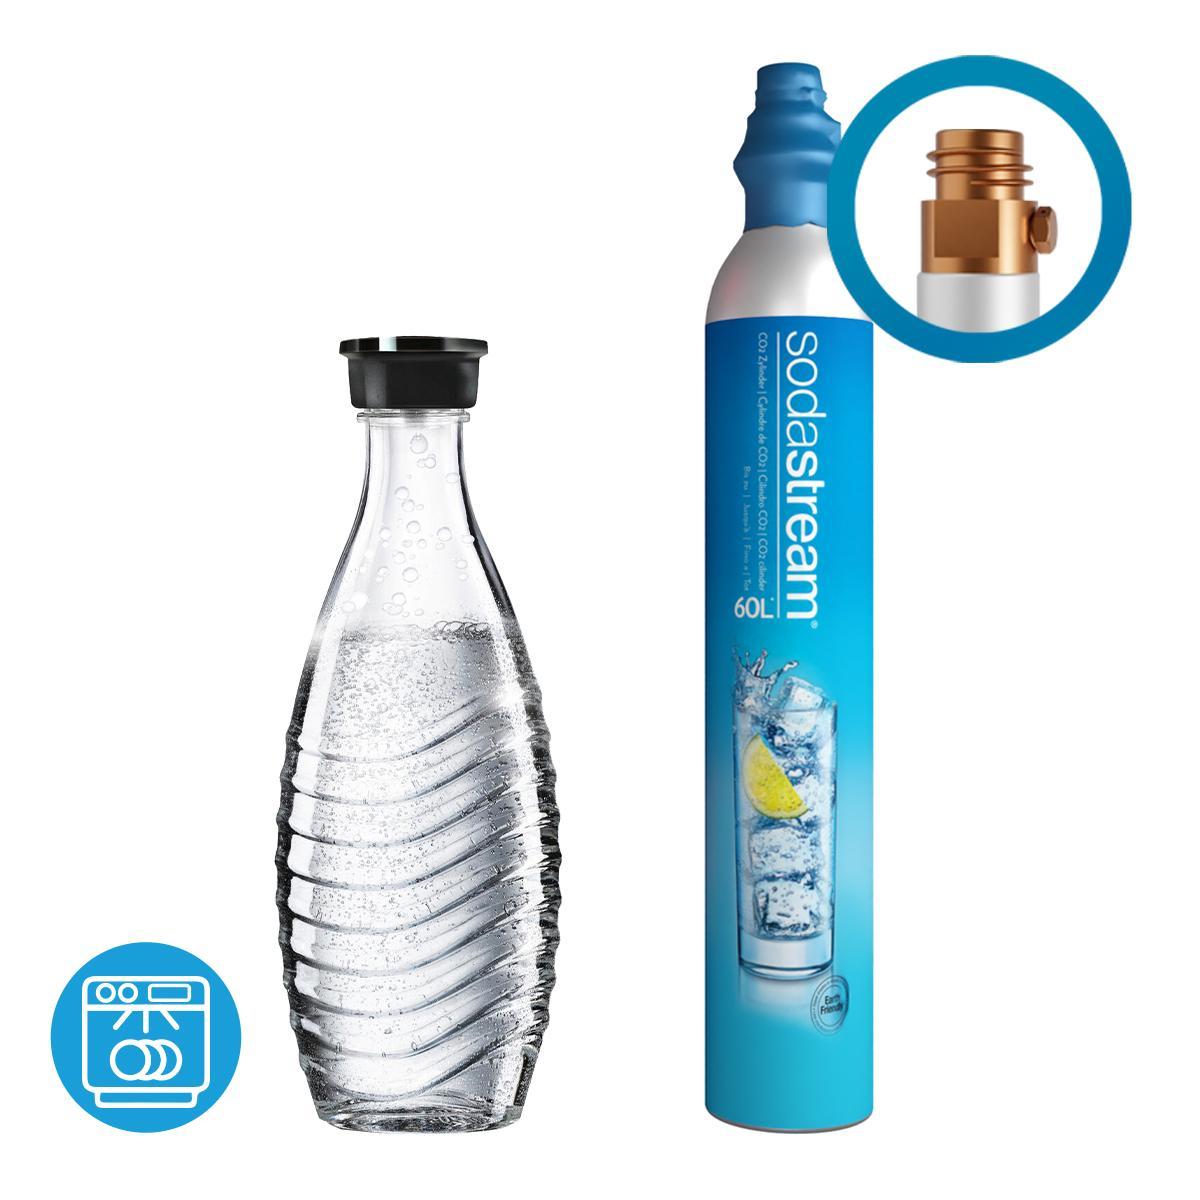 Afbeelding van SodaStream CO2 cilinder / Flessen Reservepack Glazen Karaf